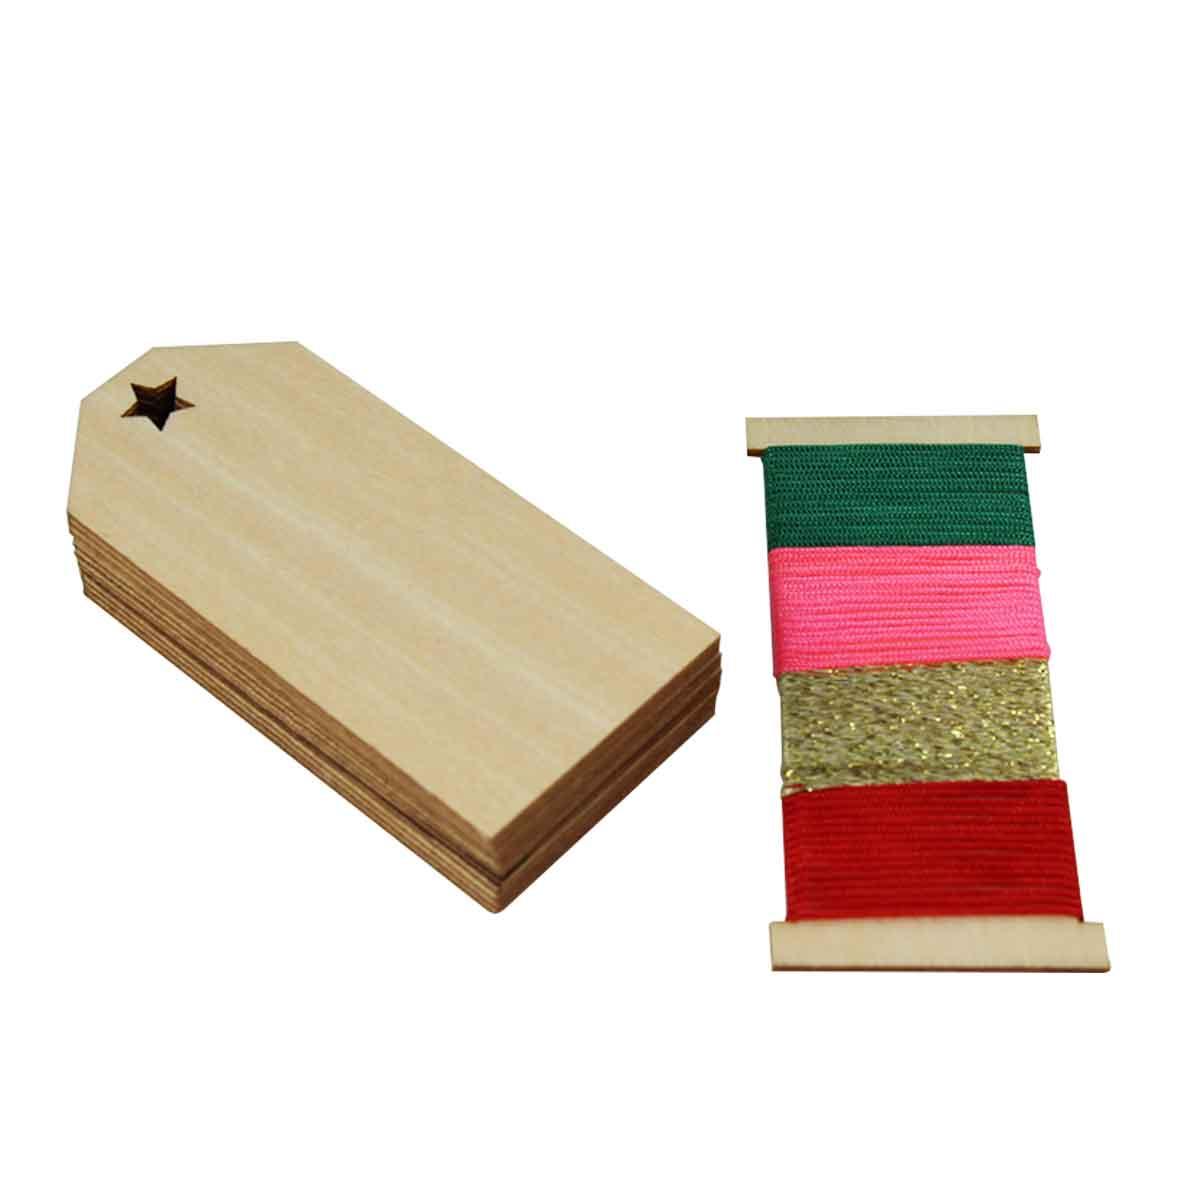 12 étiquettes en bois perforées avec ficelle colorée